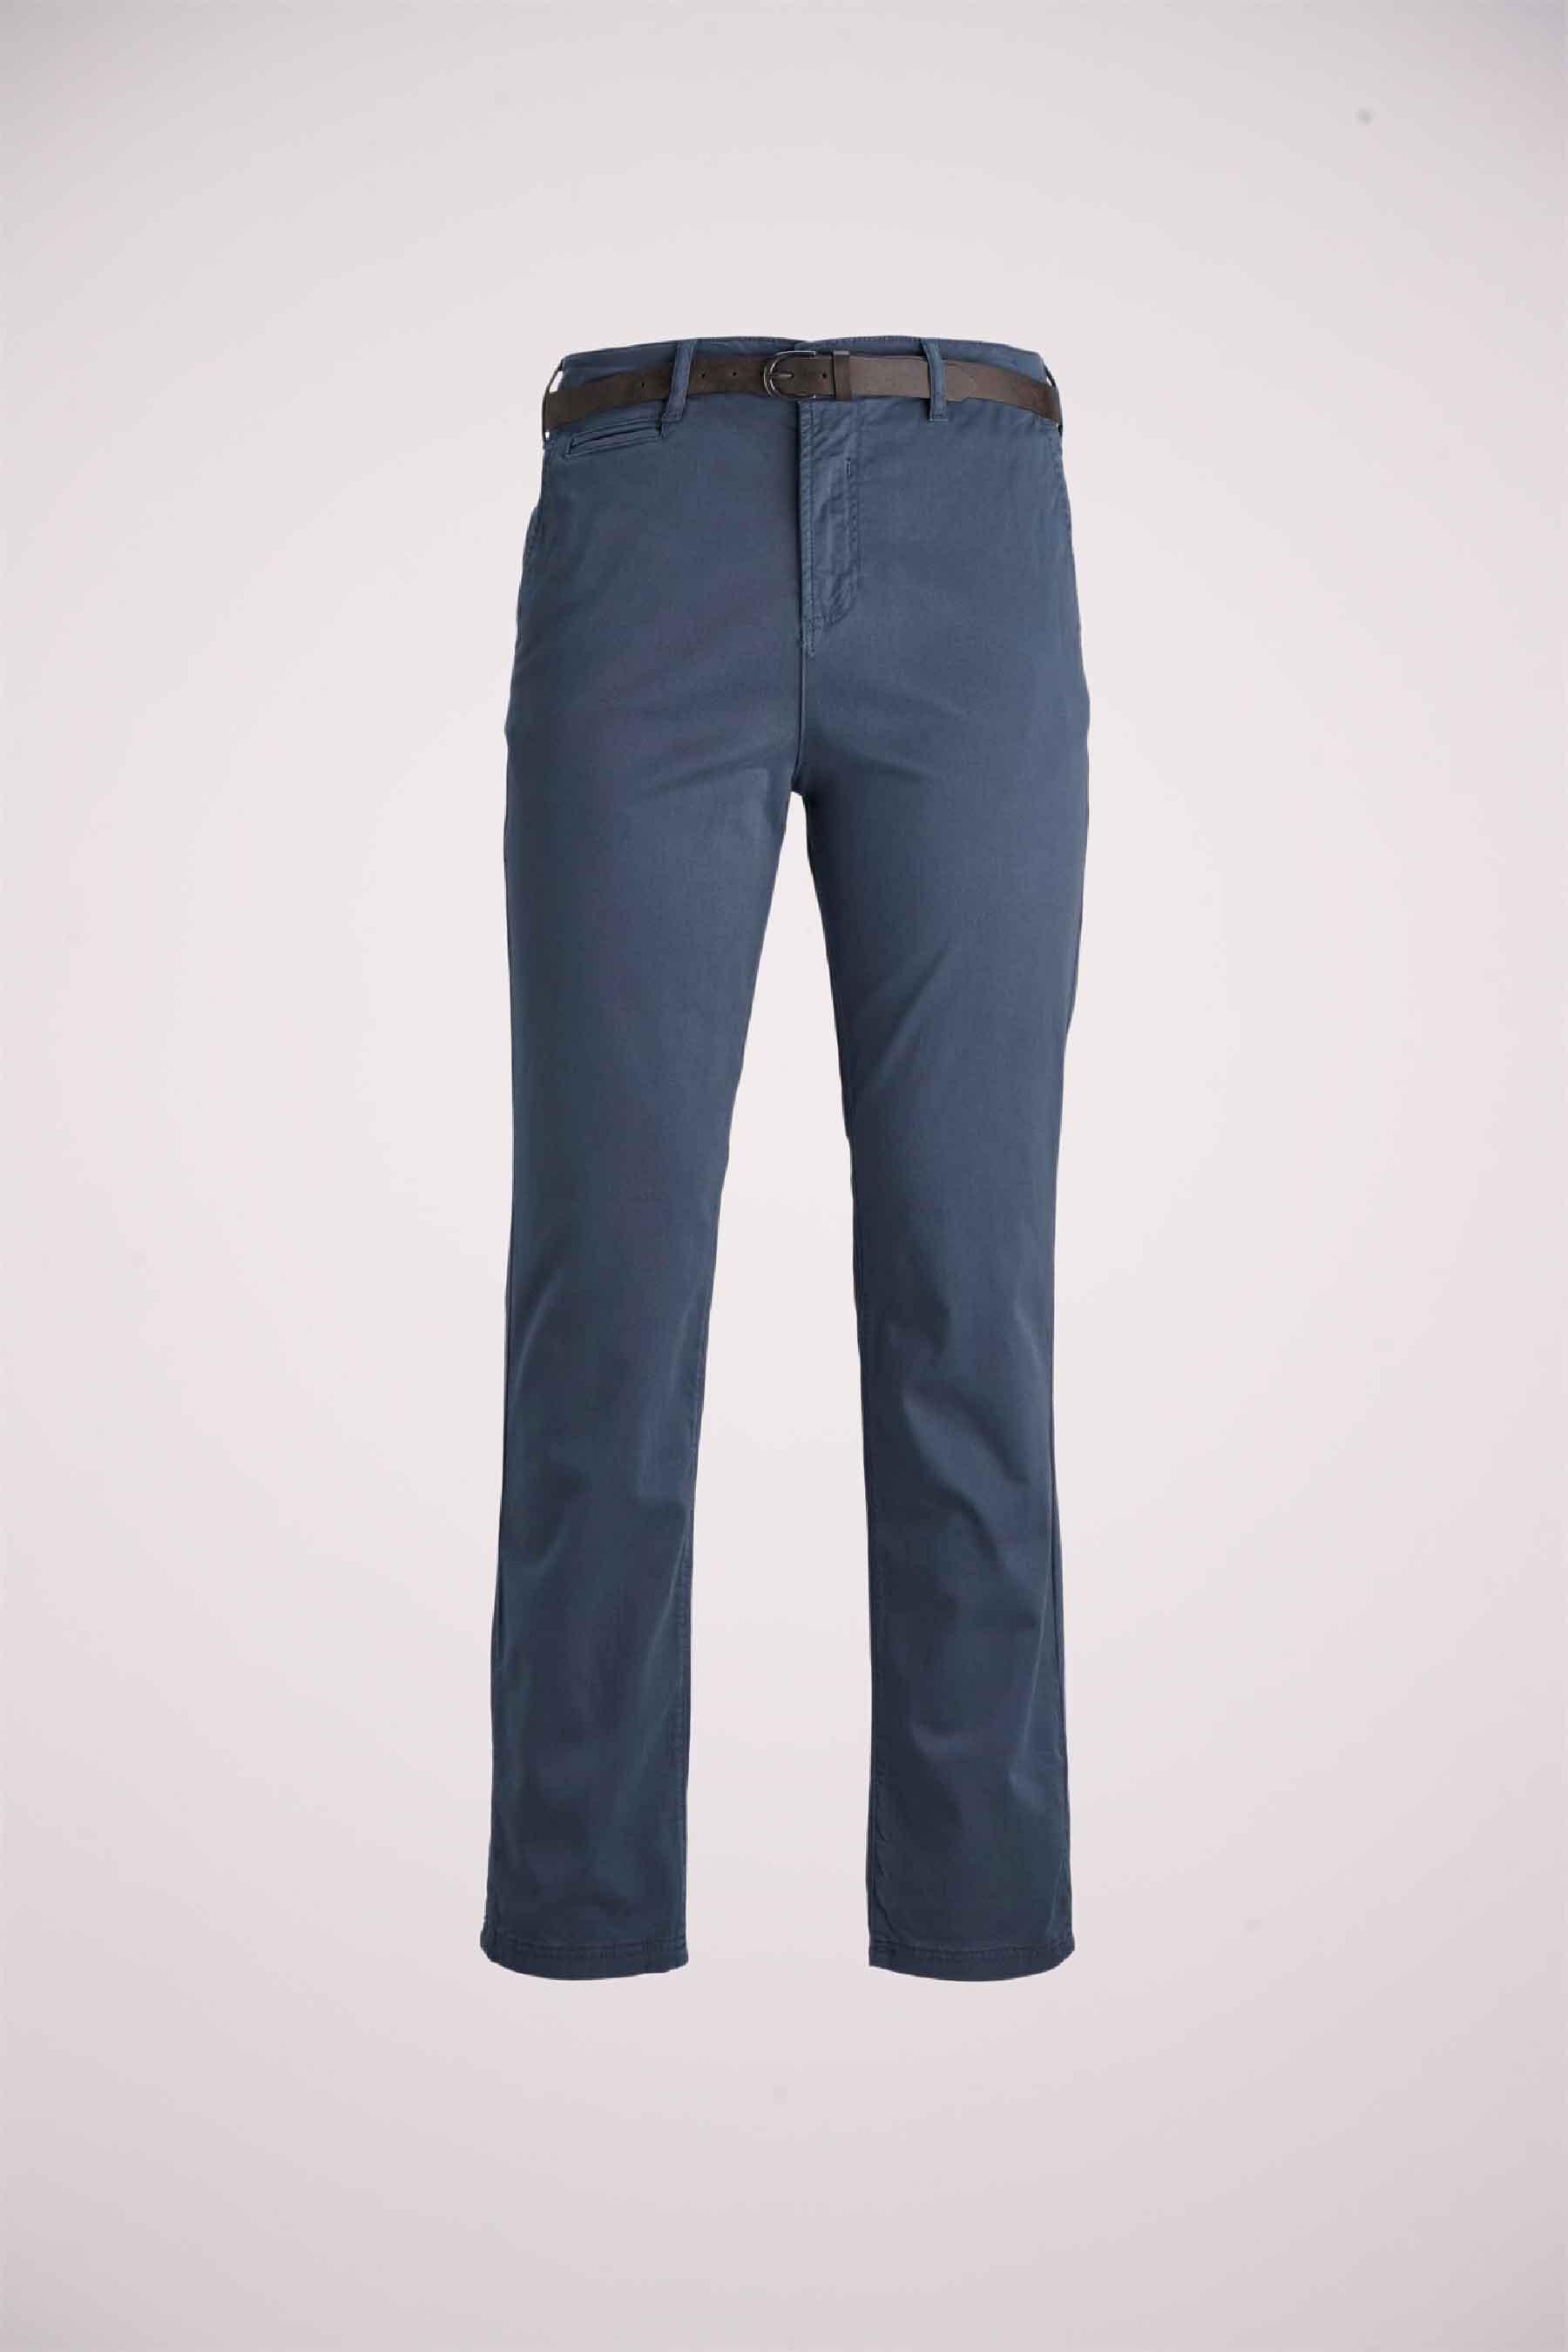 Jack & Jones Jeans Intelligenc Colorbroek, Blauw, Heren, Maat: 28x32/28x34/29x32